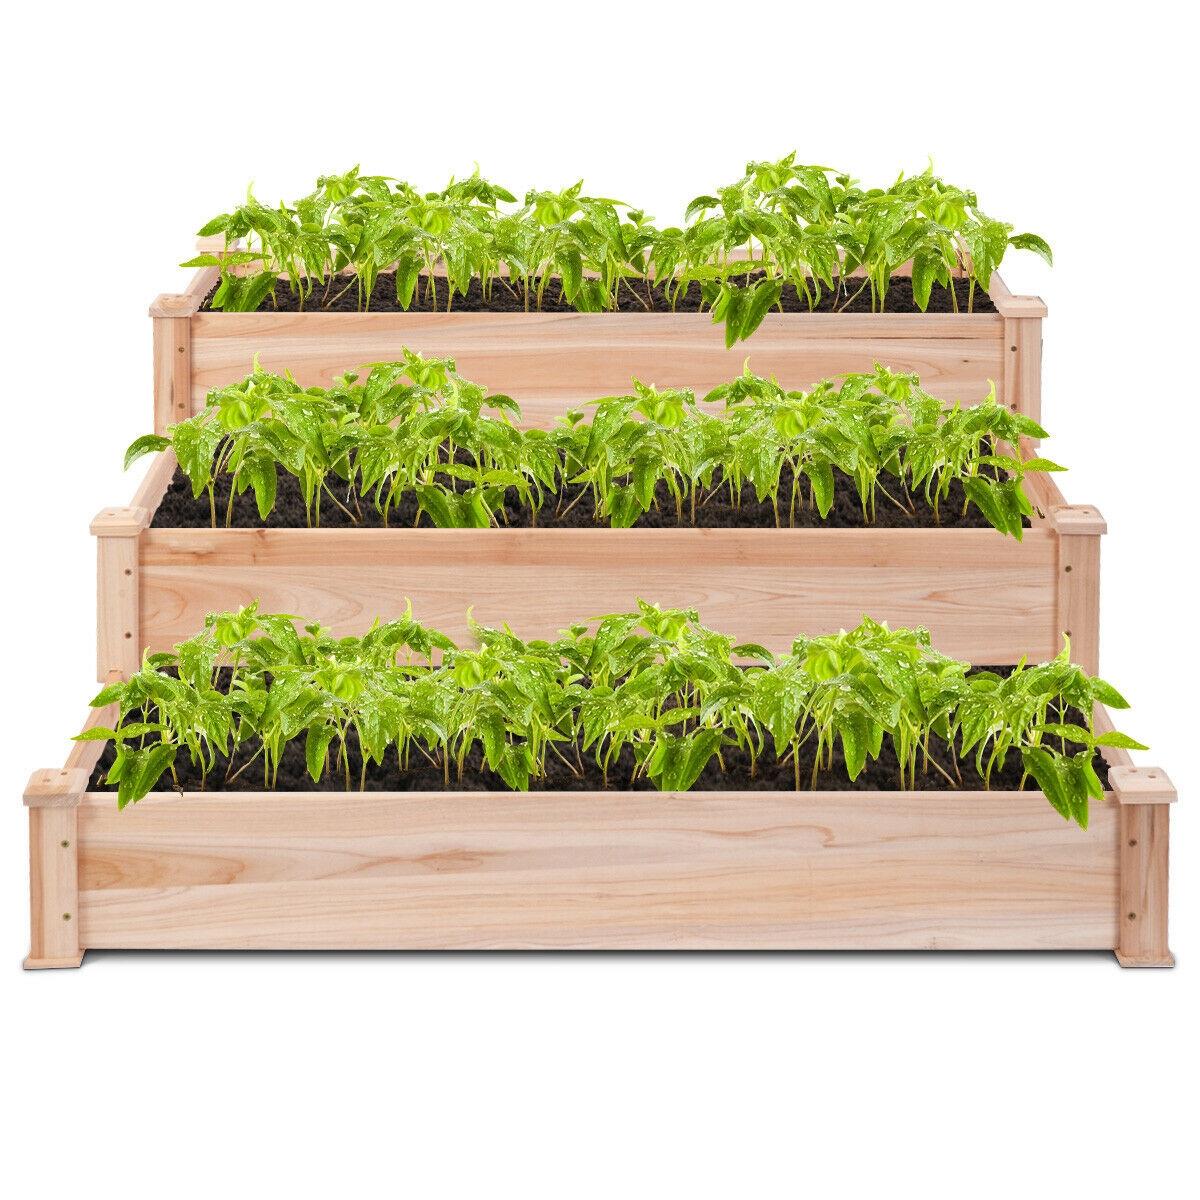 3 Tier Elevated Wooden Vegetable Garden Bed